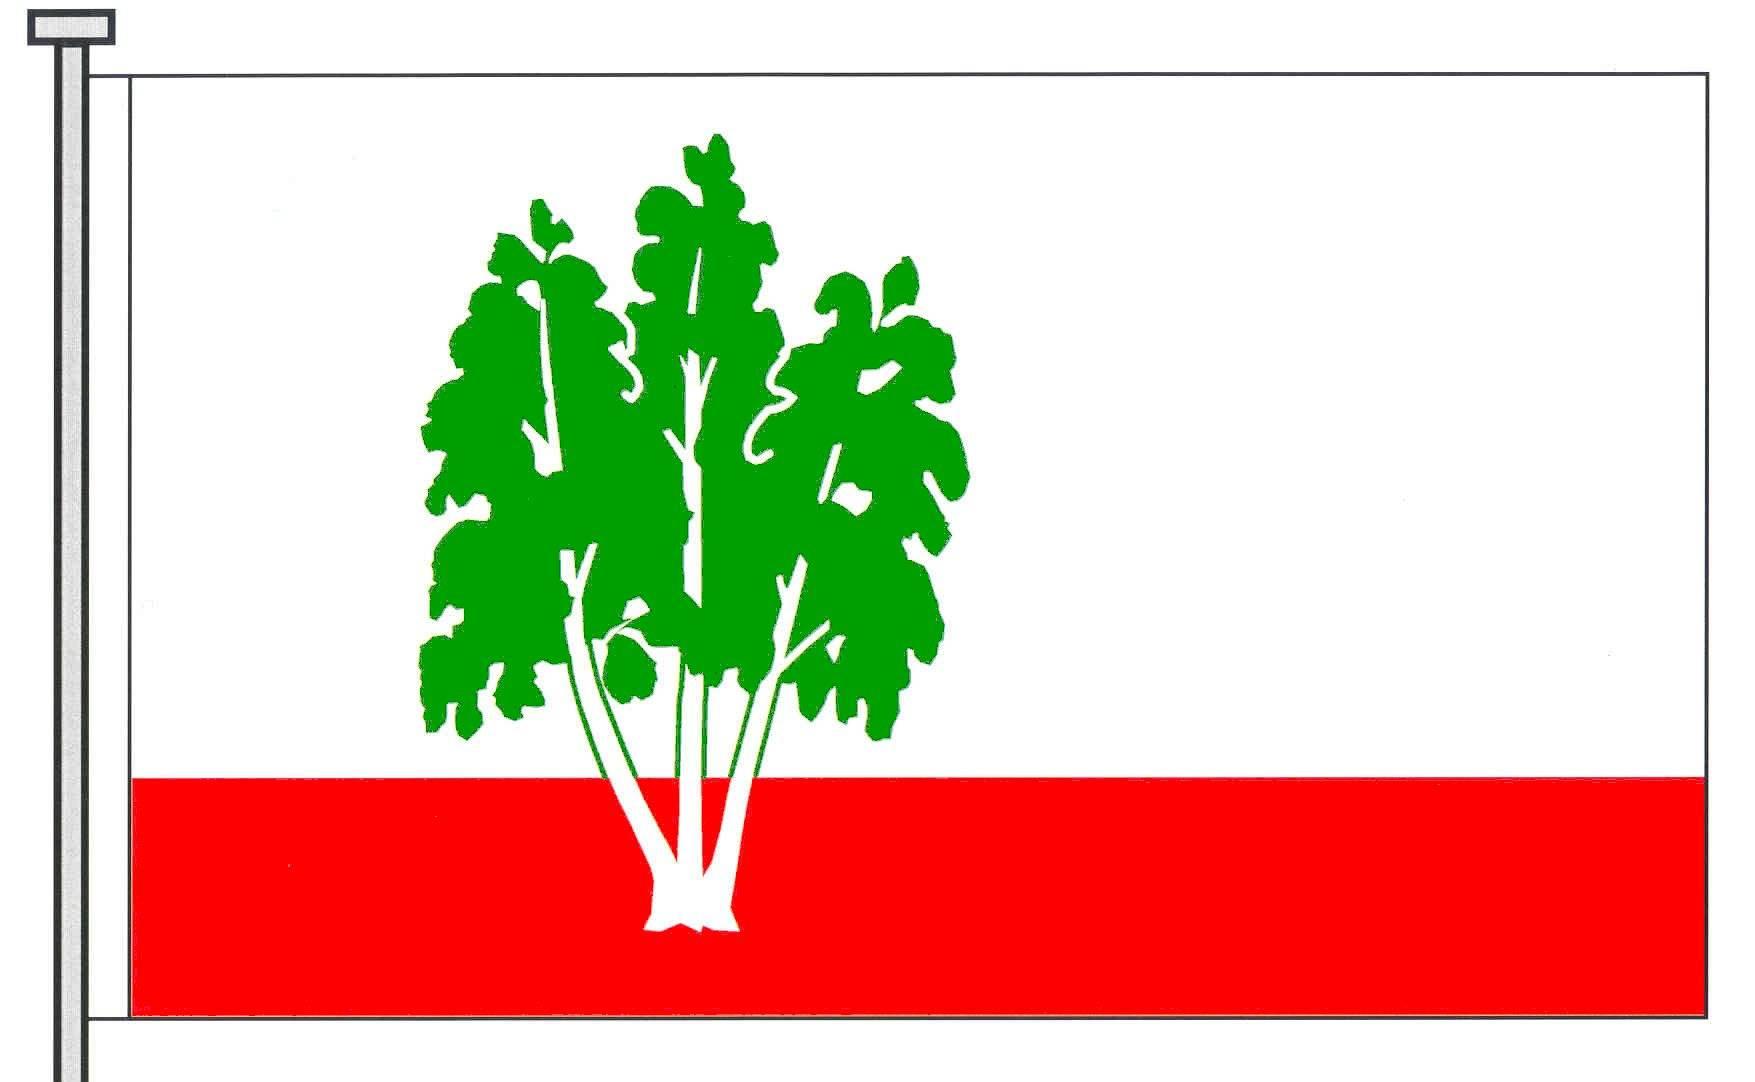 Flagge GemeindeBark, Kreis Segeberg